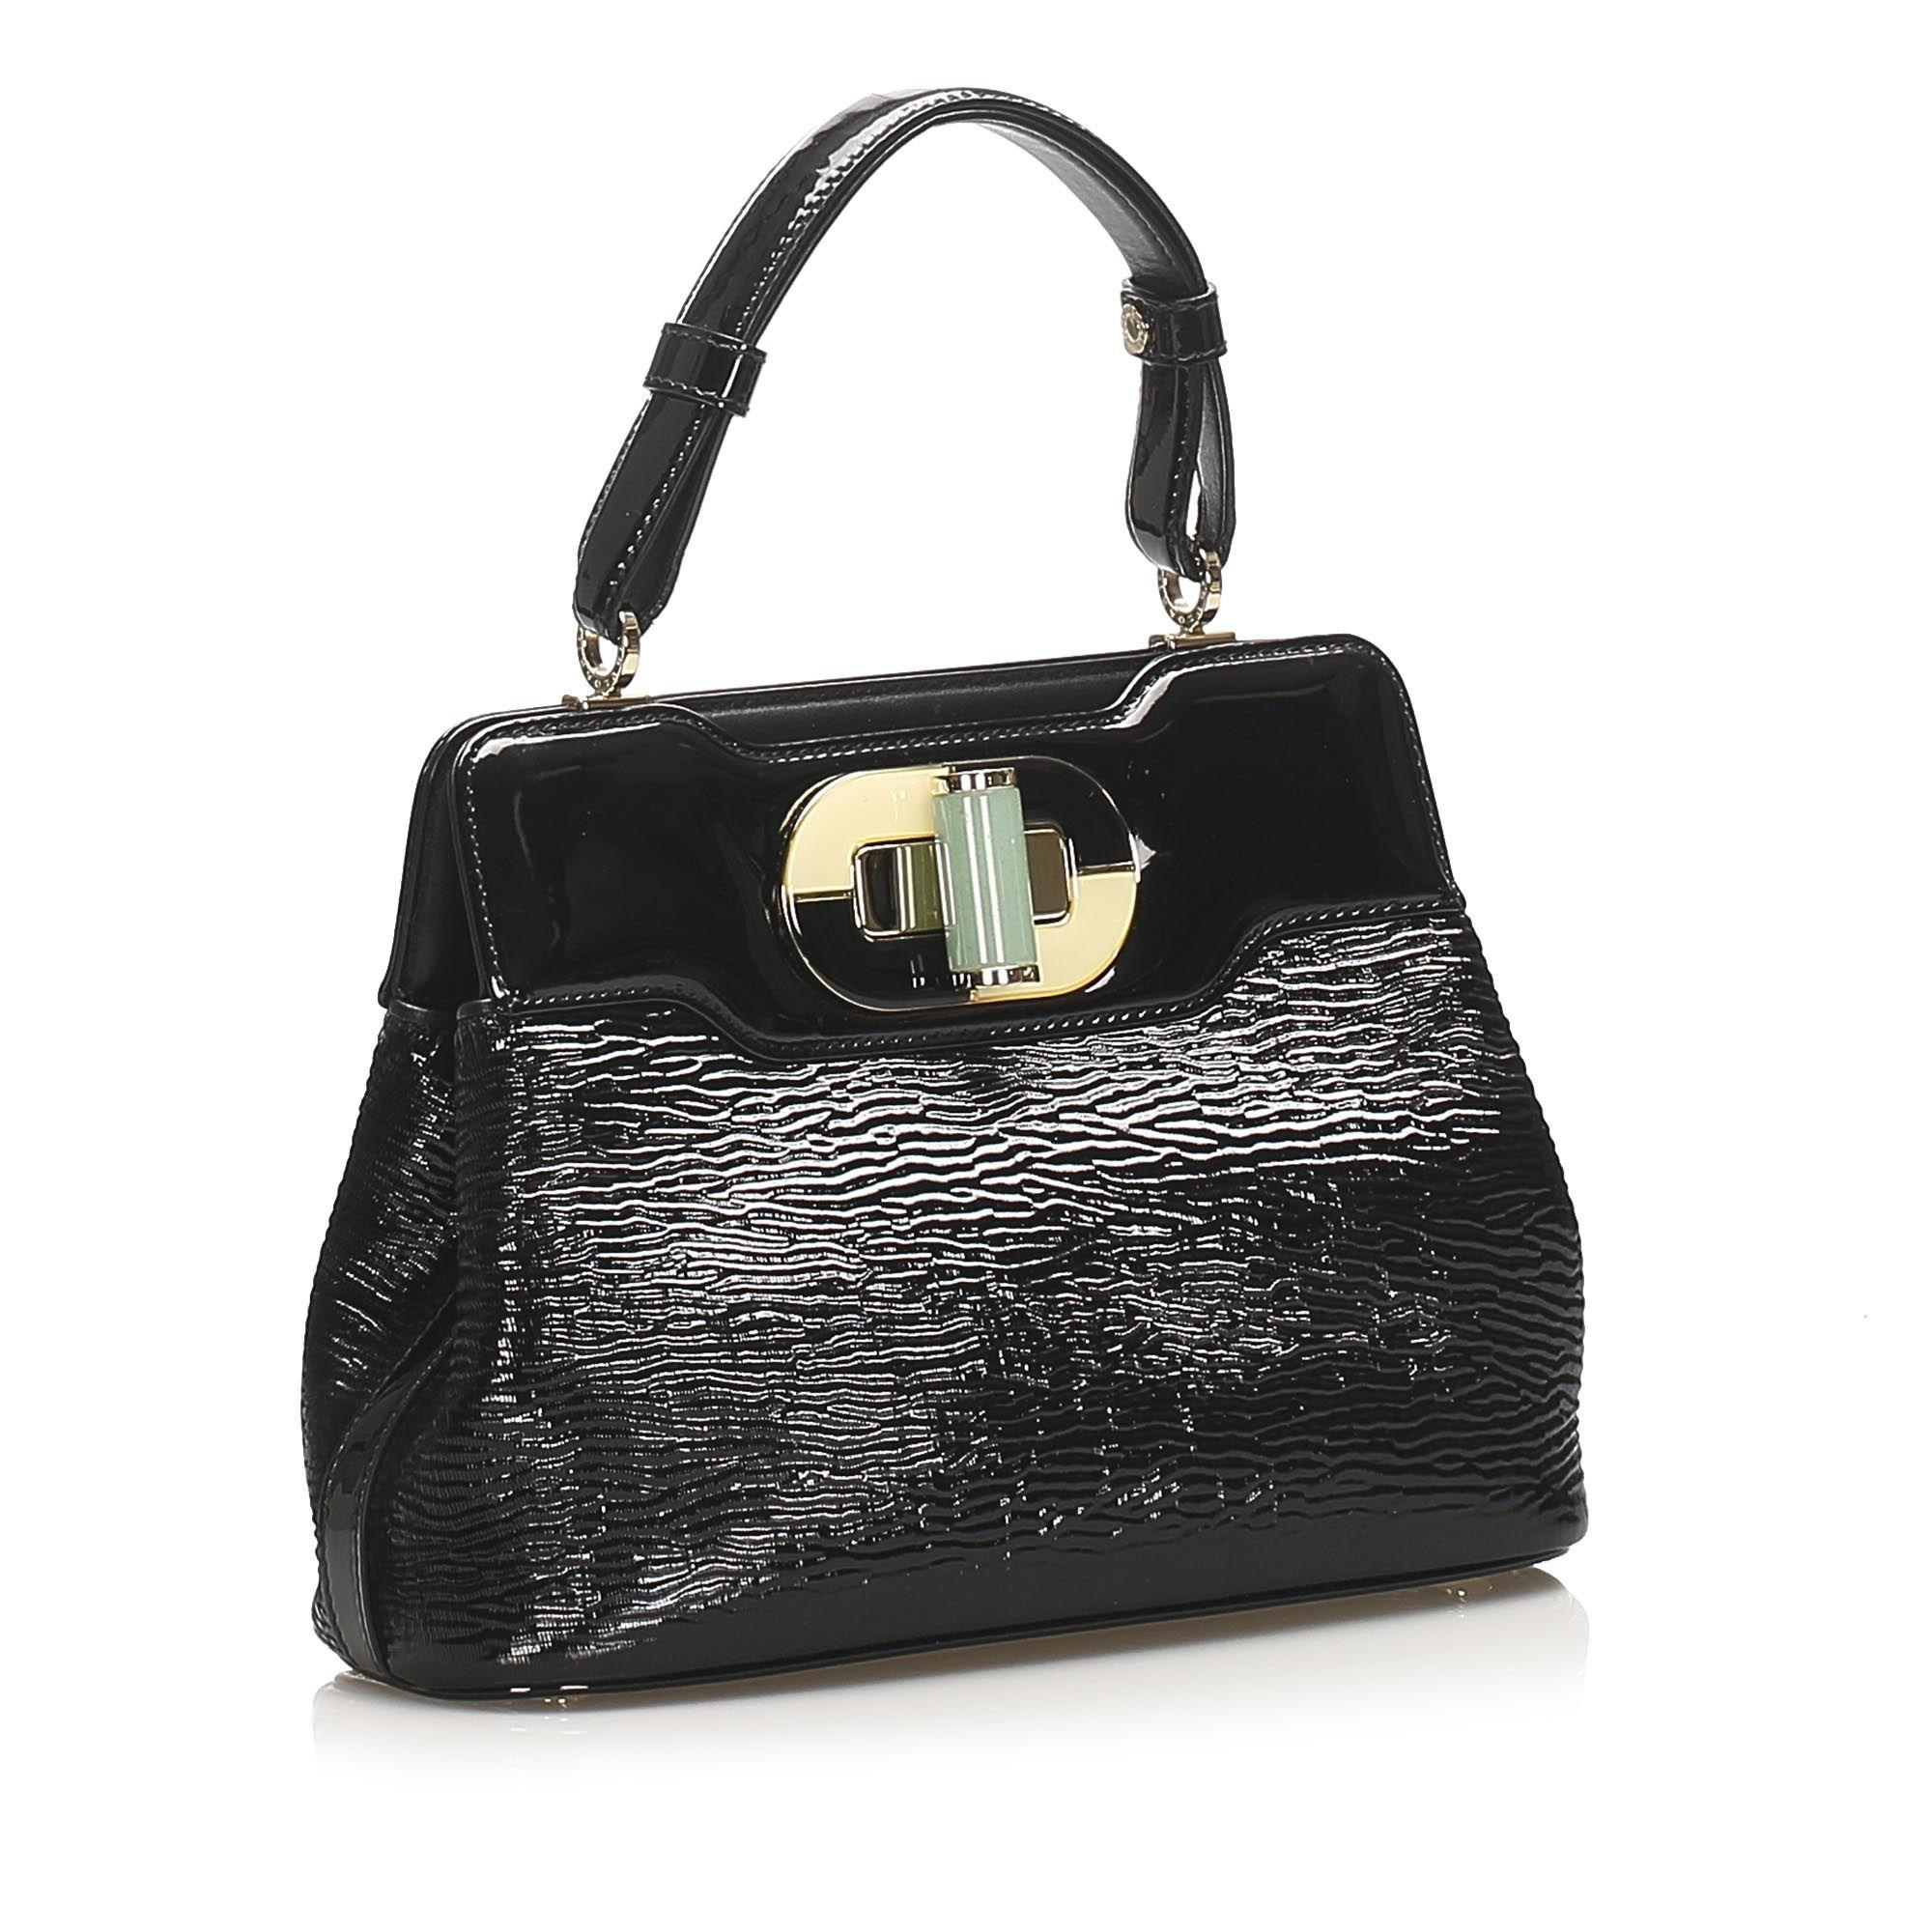 Vintage Bvlgari Isabella Rossellini Patent Leather Handbag Black